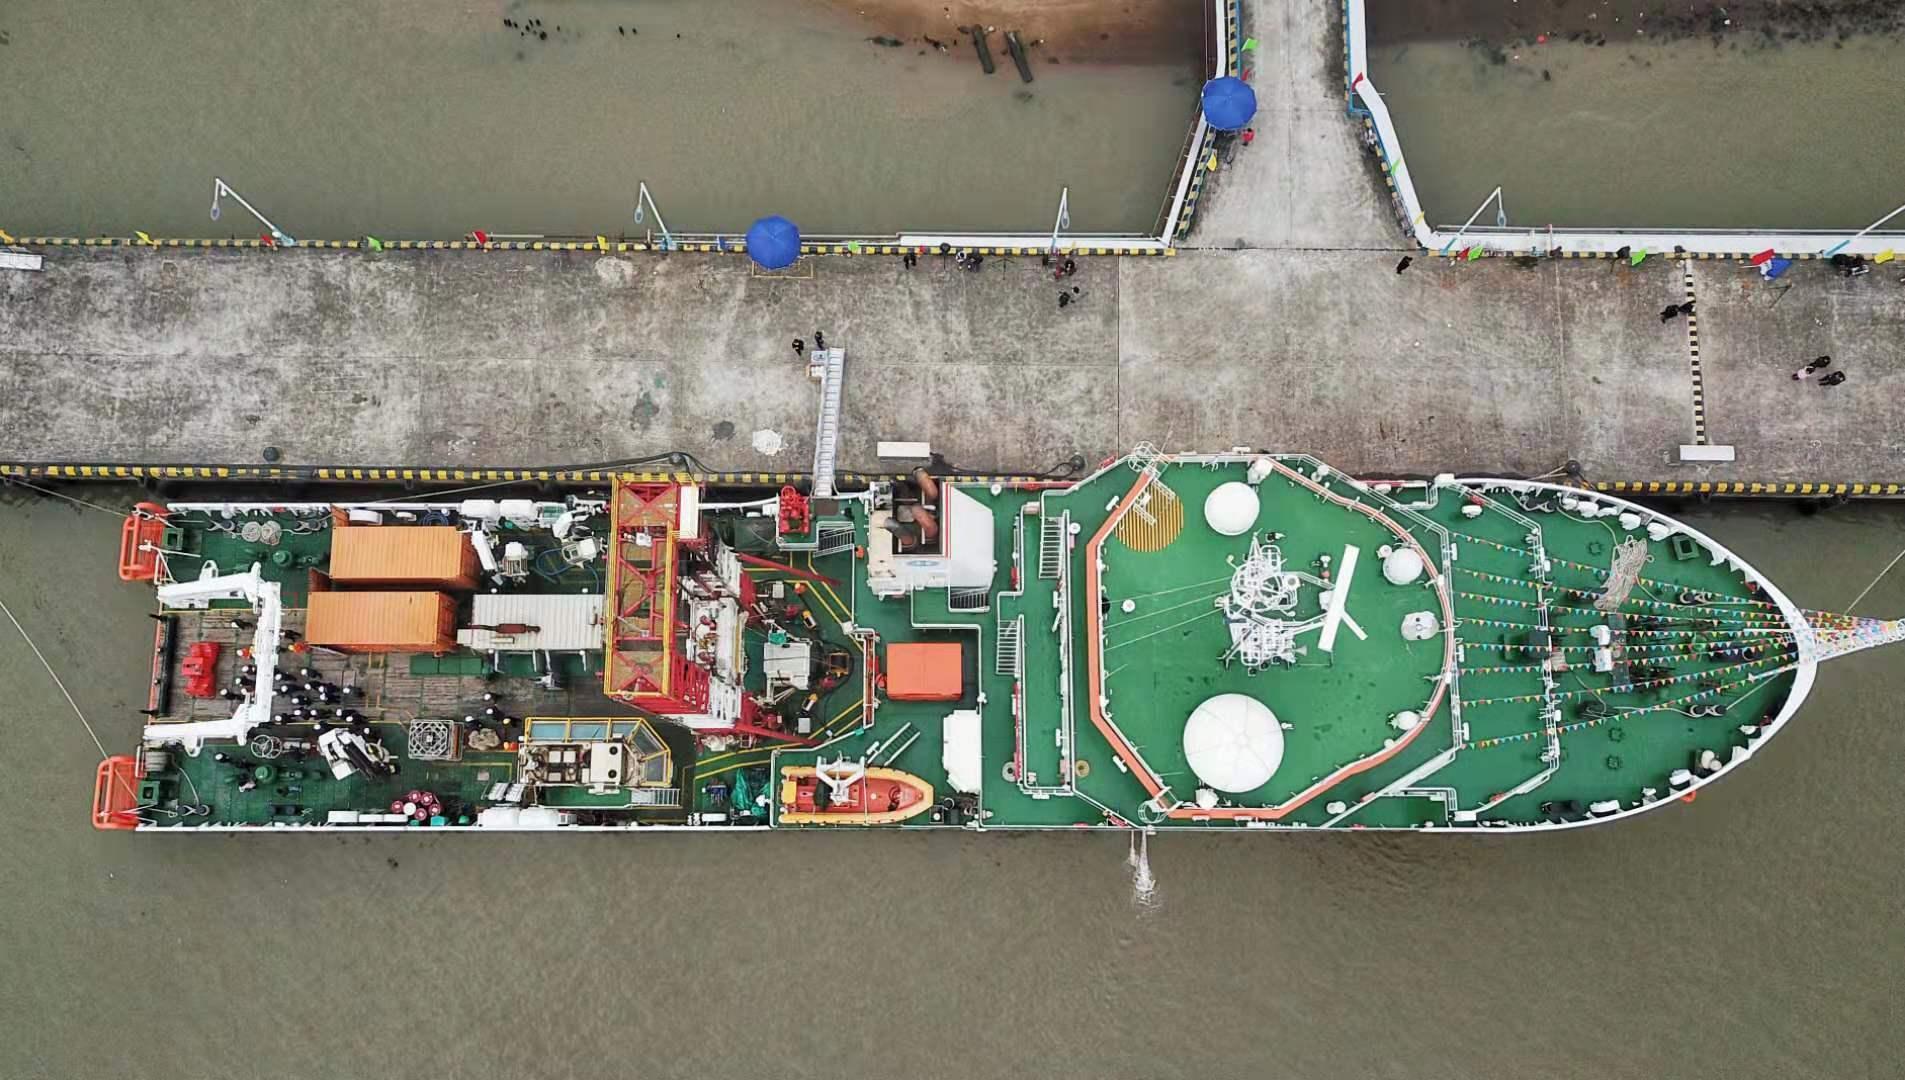 自2018年11月28日从广州启航,历时91天,航程26100千米,中巴两国科学家团结协作、密切配合,圆满完成航次任务,实现了预期科考目标。